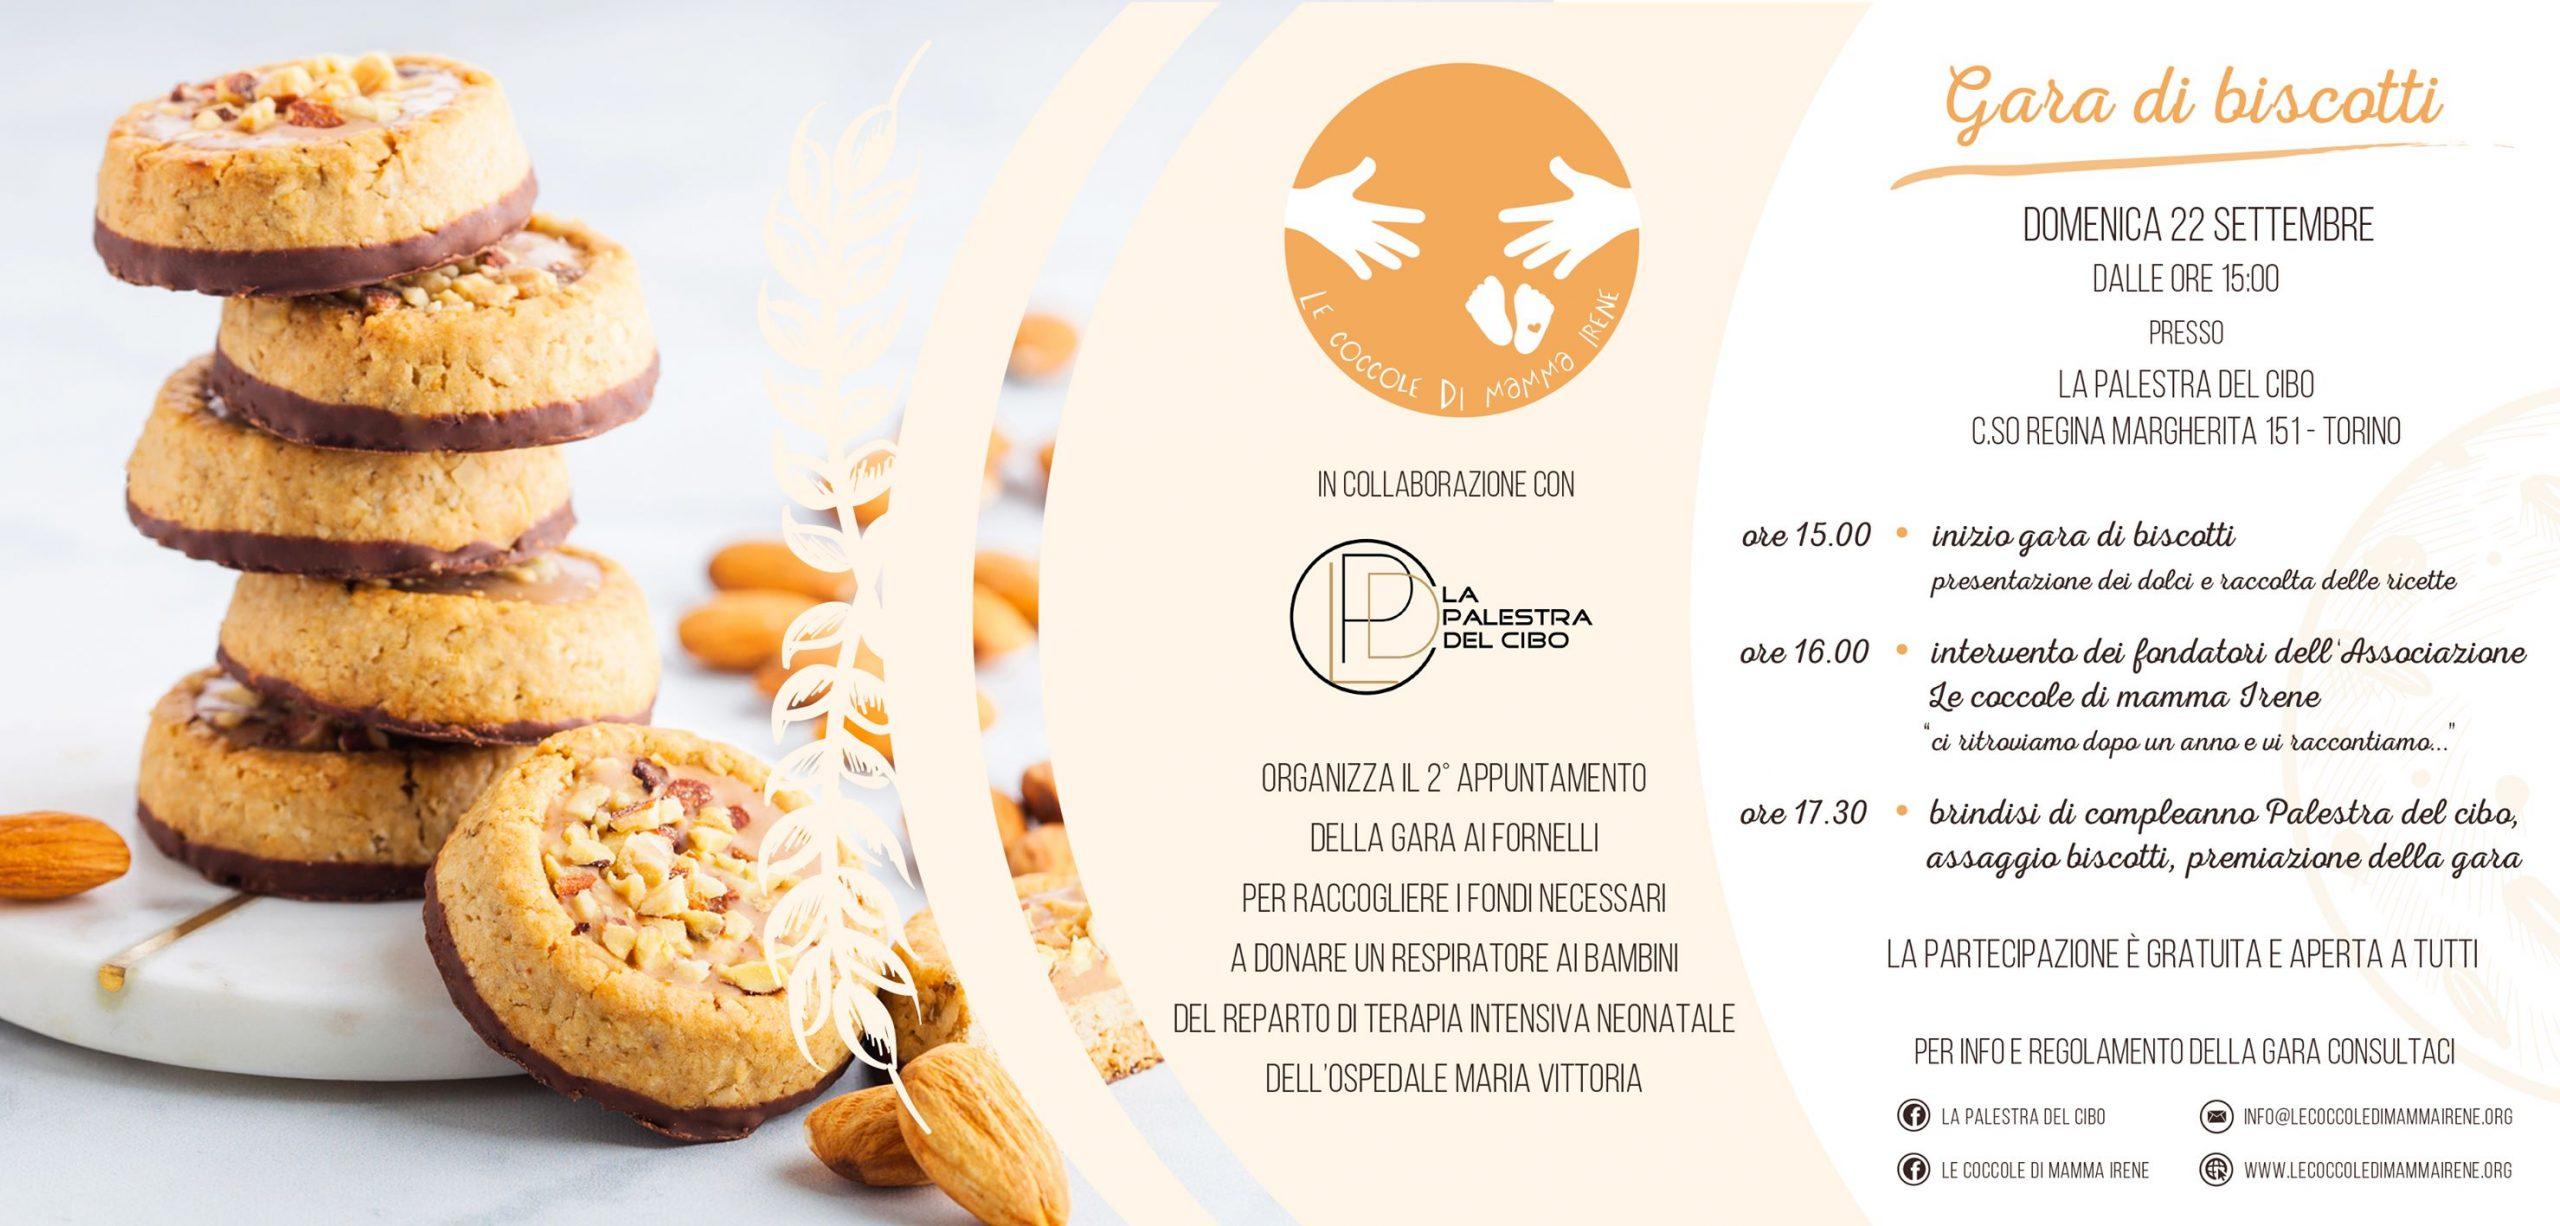 gara di biscotti 22 sett 2019 scaled